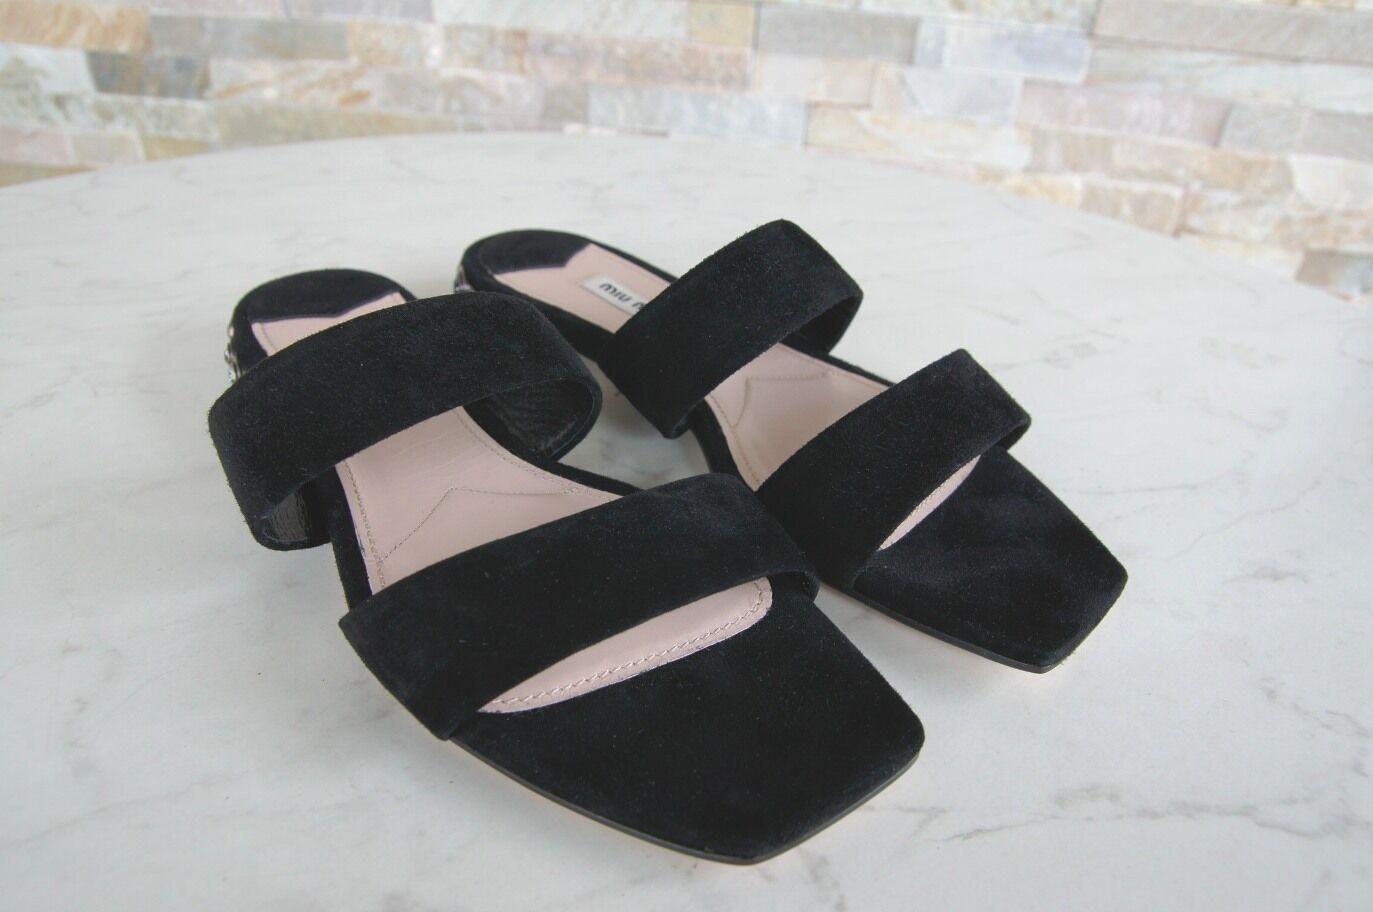 MIU MIU Gr 36,5 Pantoletten Pantoletten Pantoletten Sandalen Sandaletten Schuhe schwarz NEU 5ee0c3